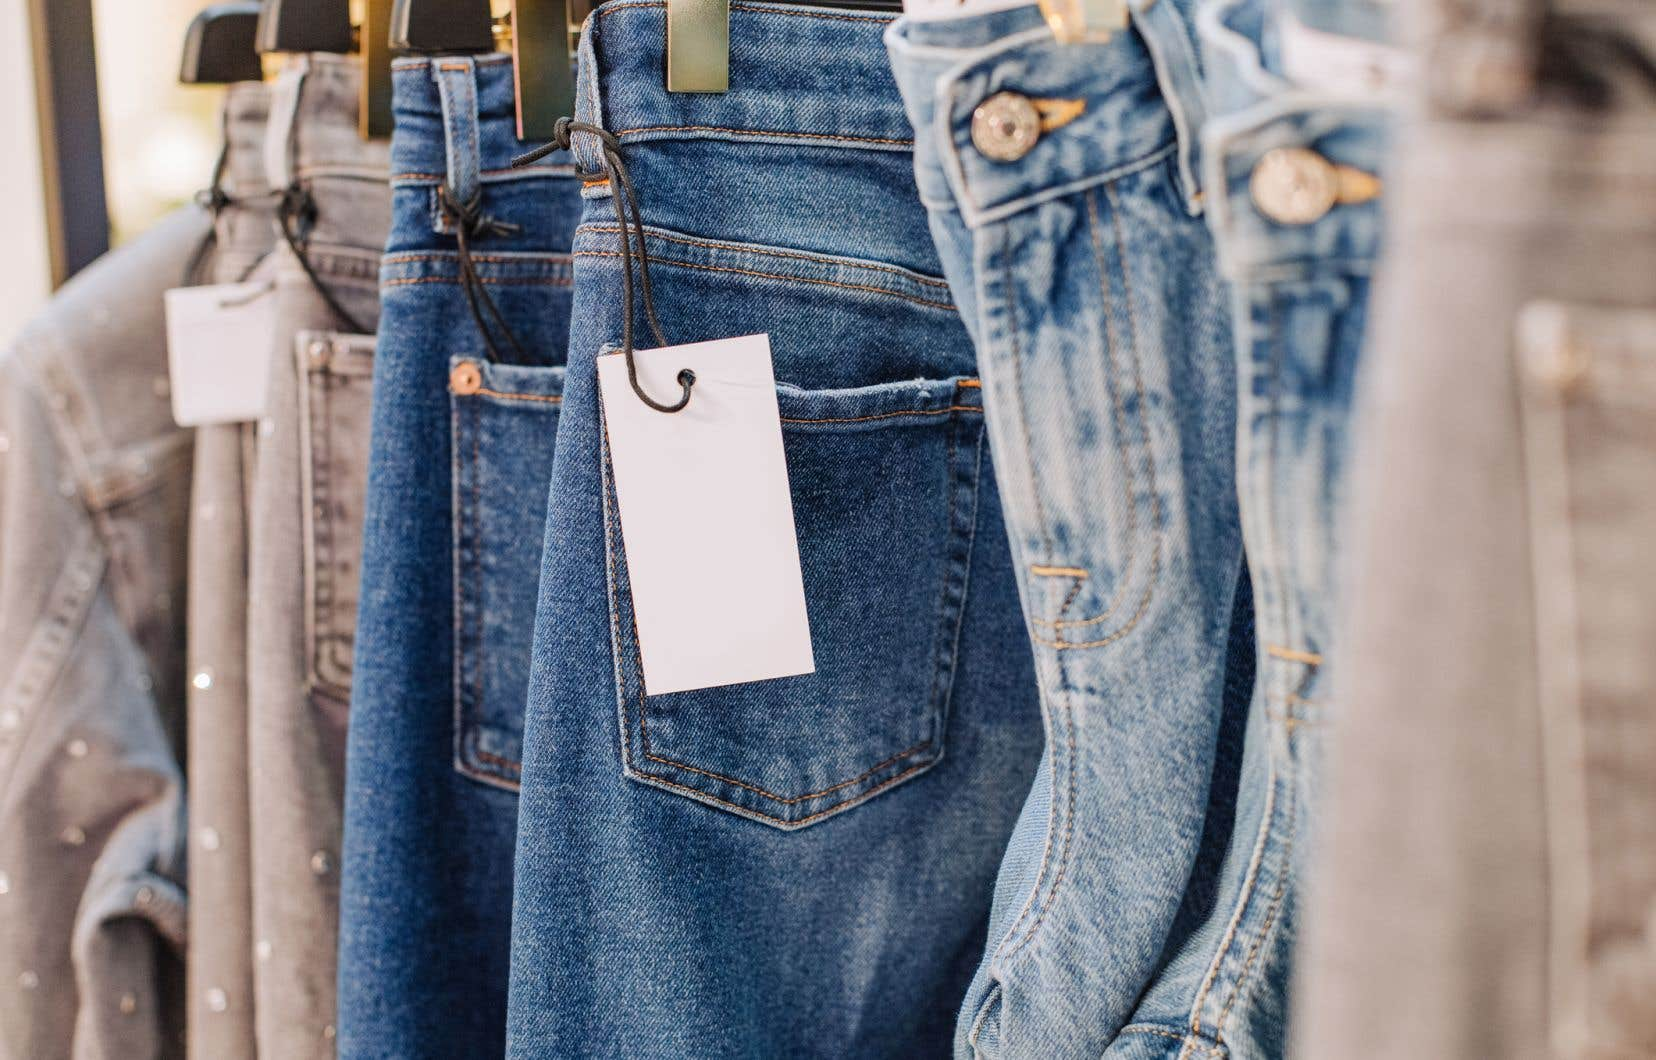 Les ventes au détail totales de vêtements diminueront de 28% à 32% en 2020, selon Trendex, une société de renseignements marketing spécialisée dans les marchés canadien et mexicain de l'habillement.